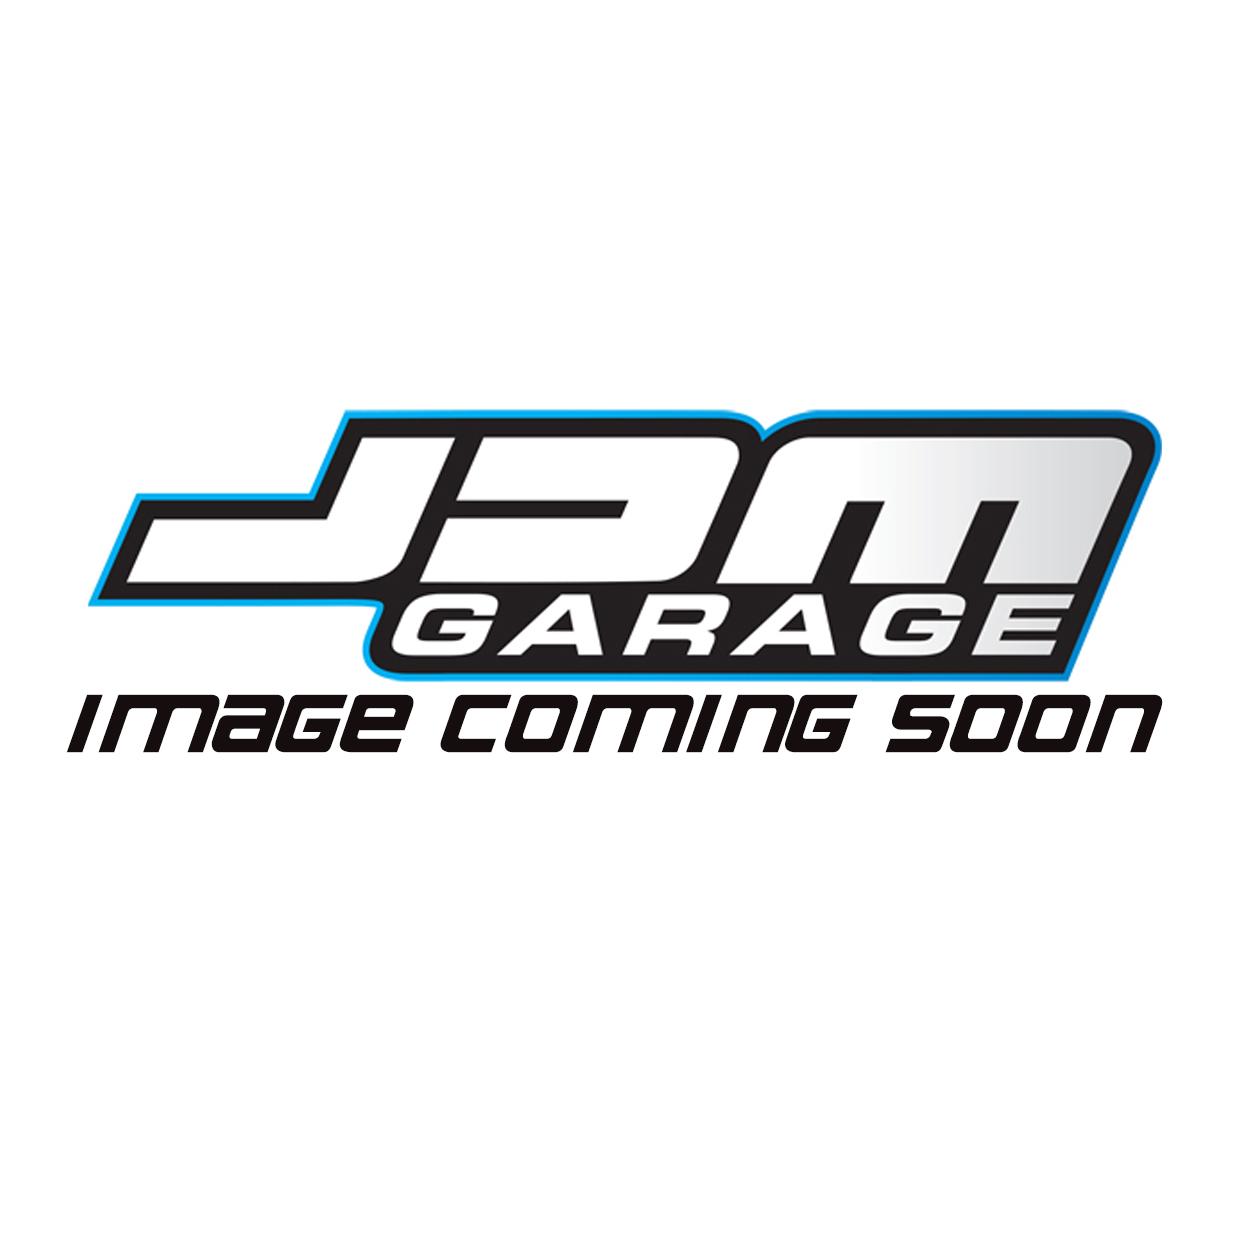 Genuine Nissan Front Brake Caliper Retaining Rattle Clip Nissan R35 GTR VR38DETT 41090-JF20B